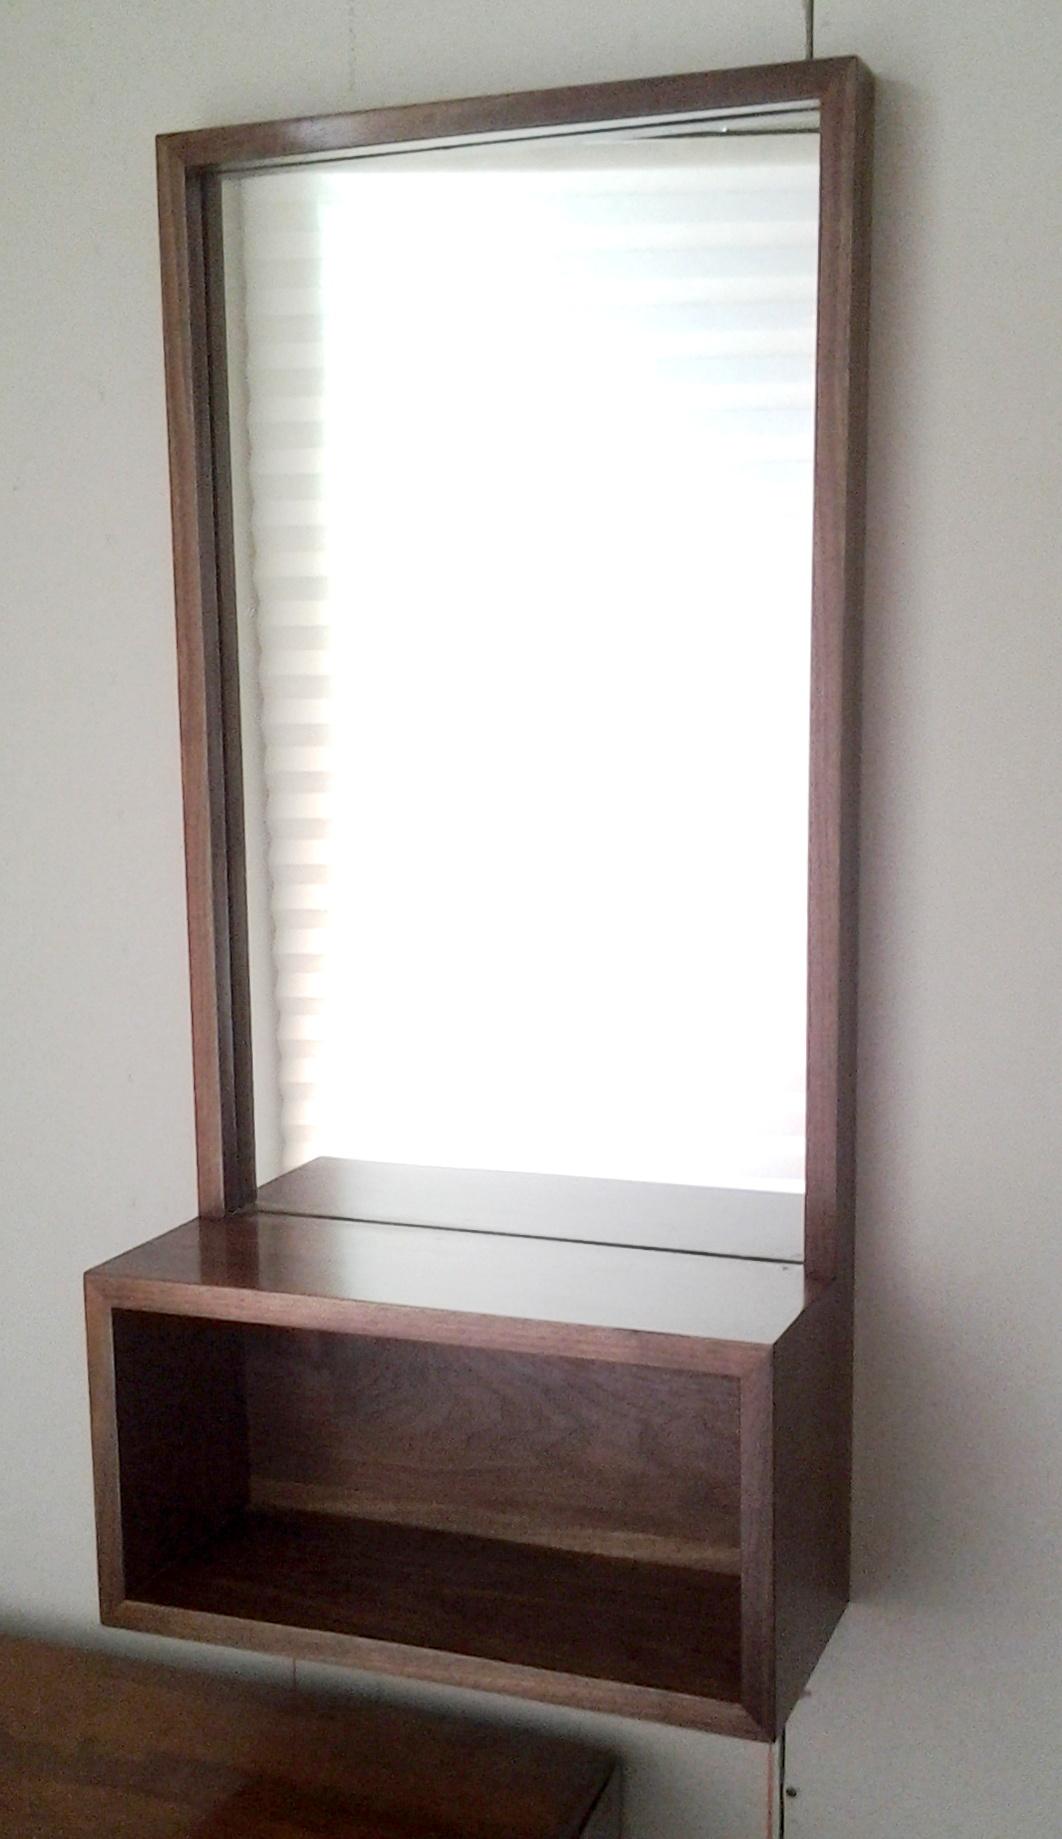 Very best Walnut Entry Hall Mirror with Shelf | CQ43